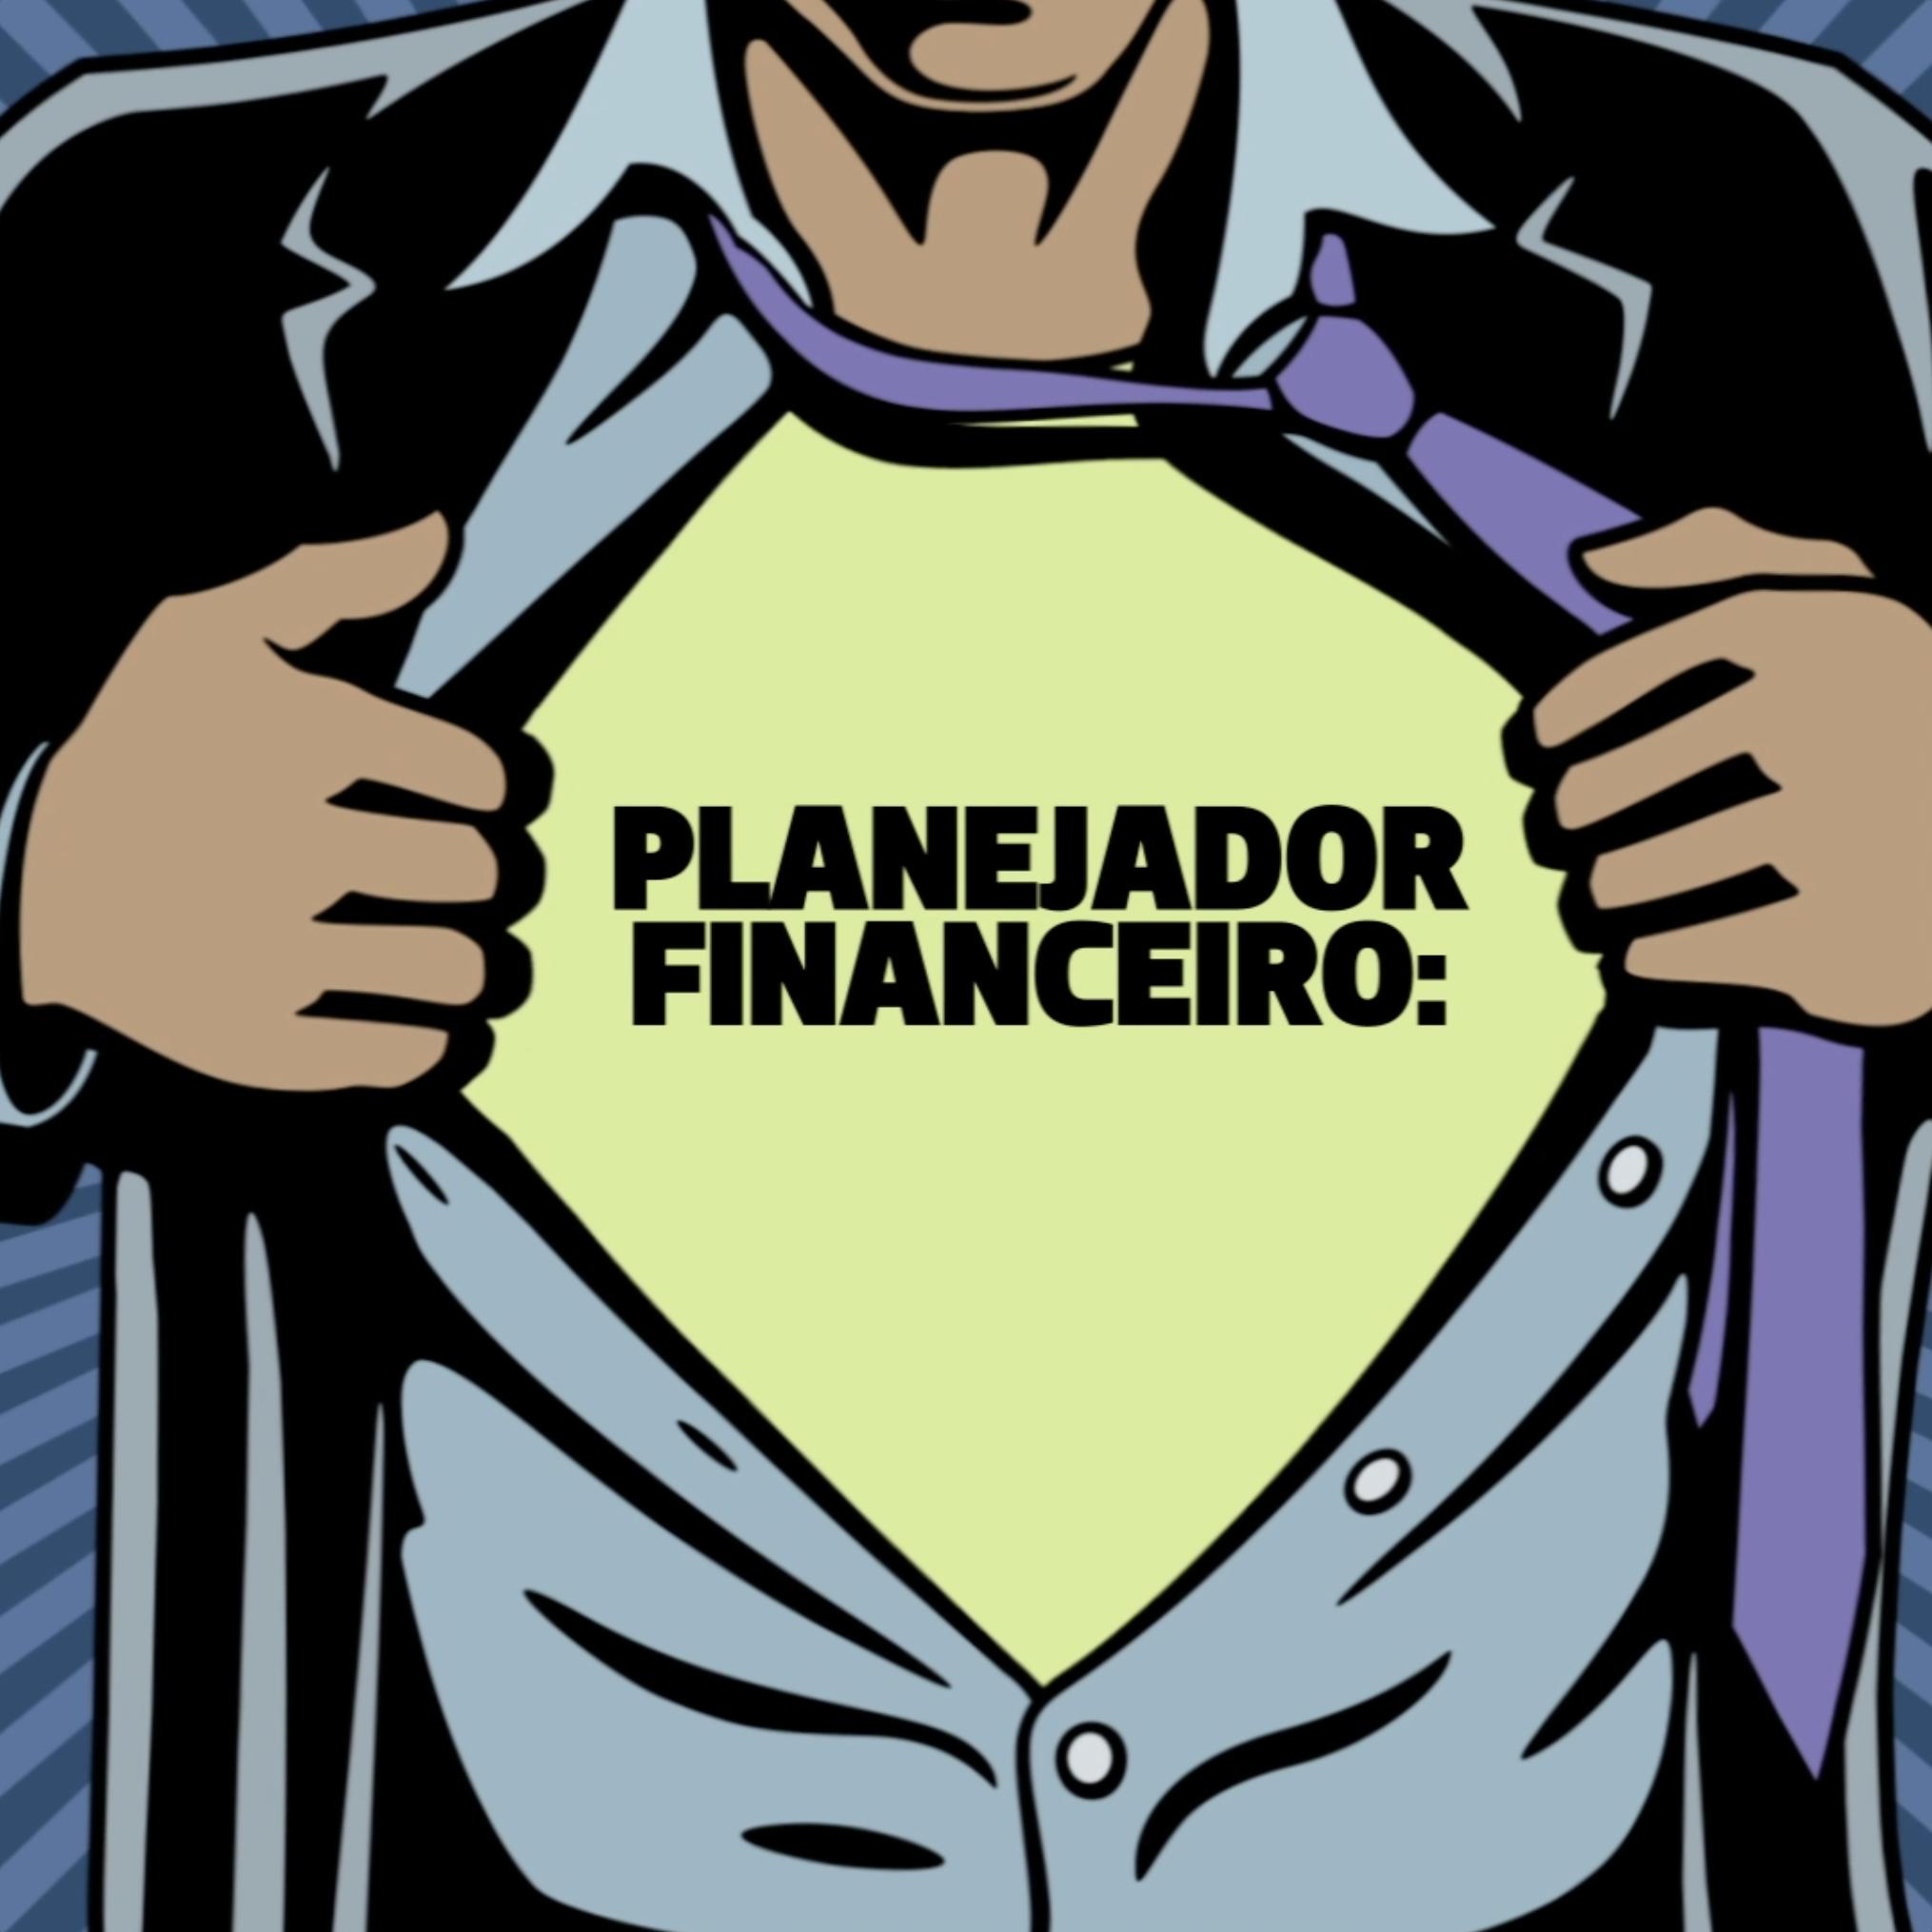 Planejador financeiro: o super-herói das suas finanças